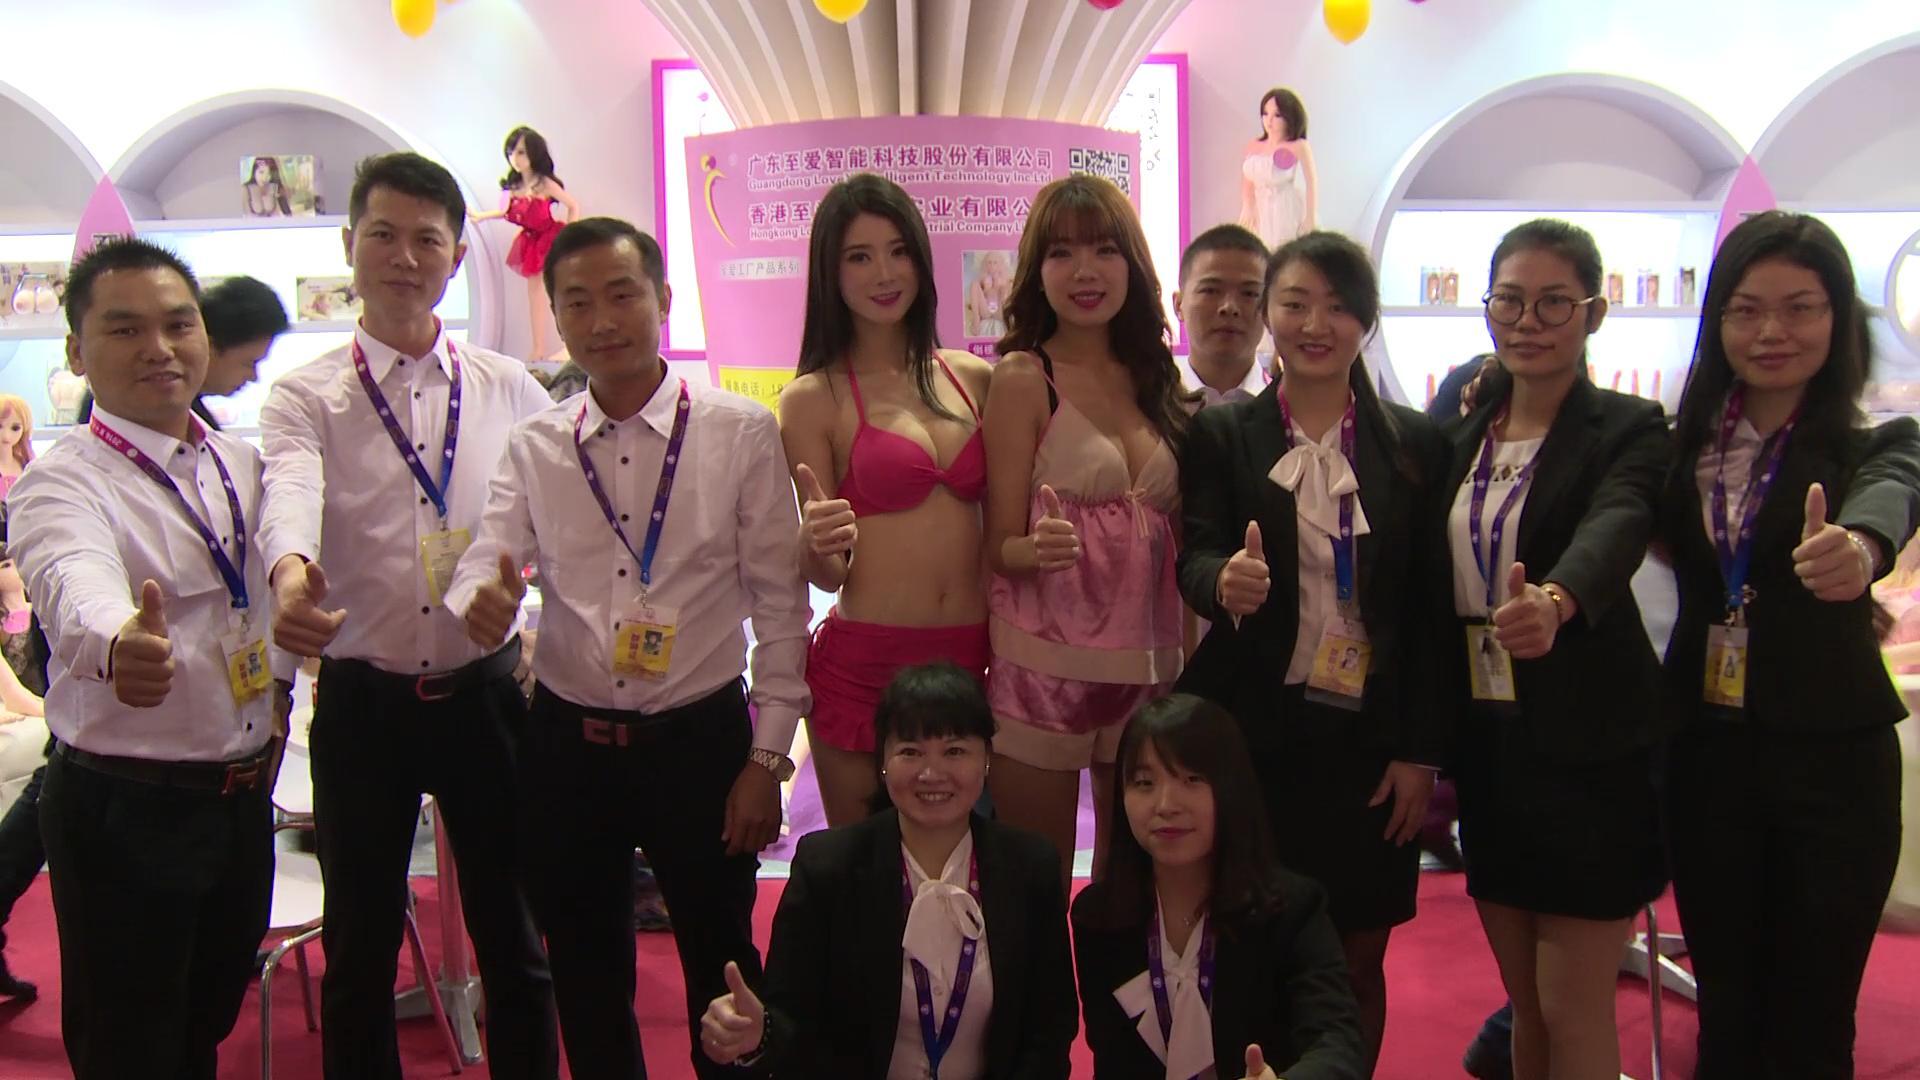 广州至爱人体娃娃接受性商网美女记者采访-2016广州性文化节性商专访图片3